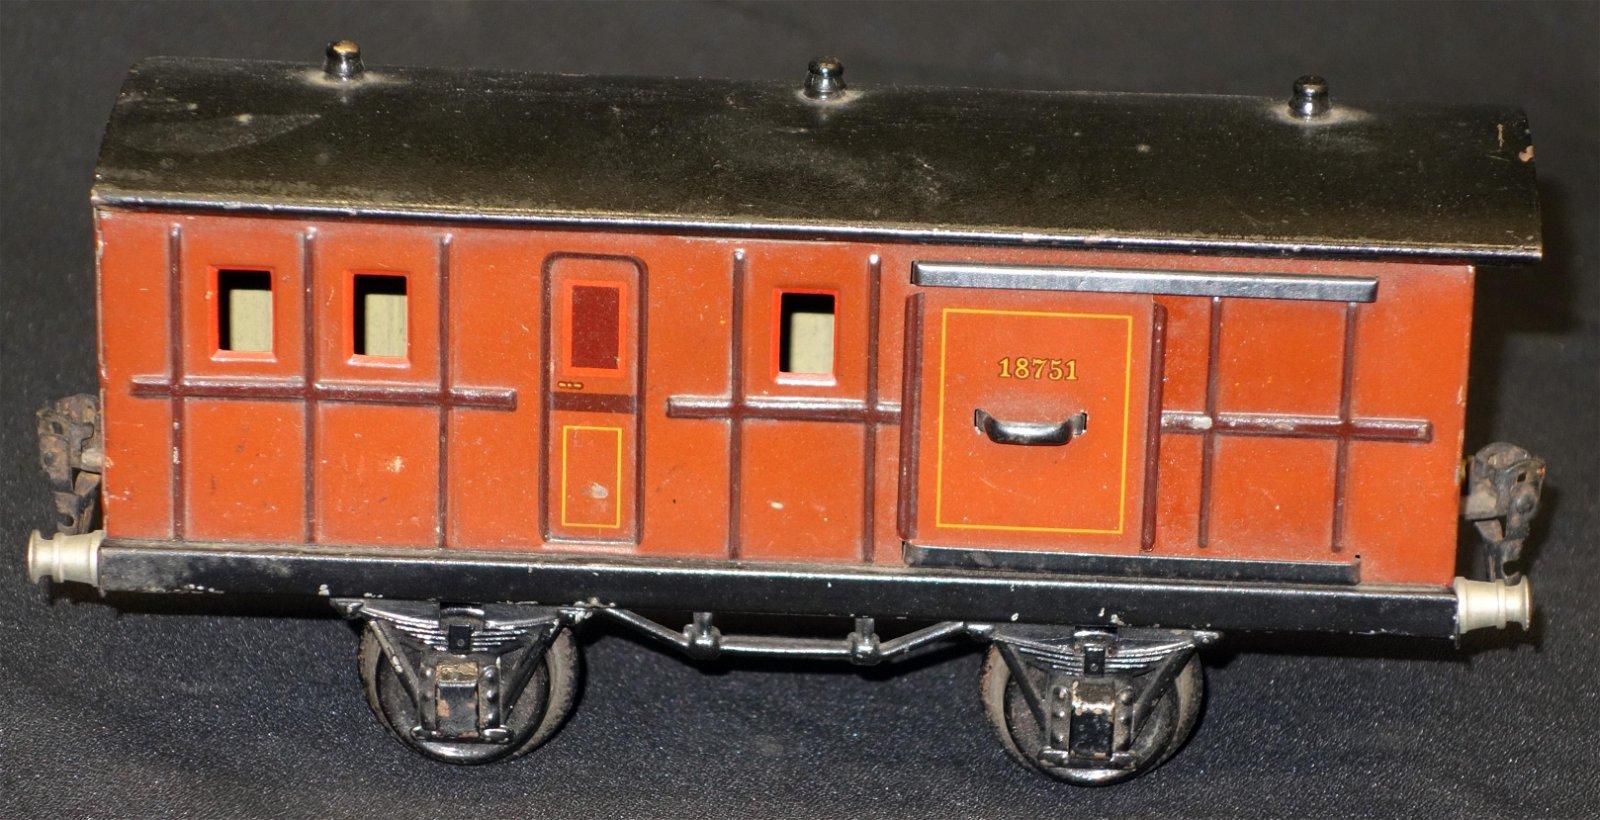 MARKLIN BAGGAGE CAR #18751